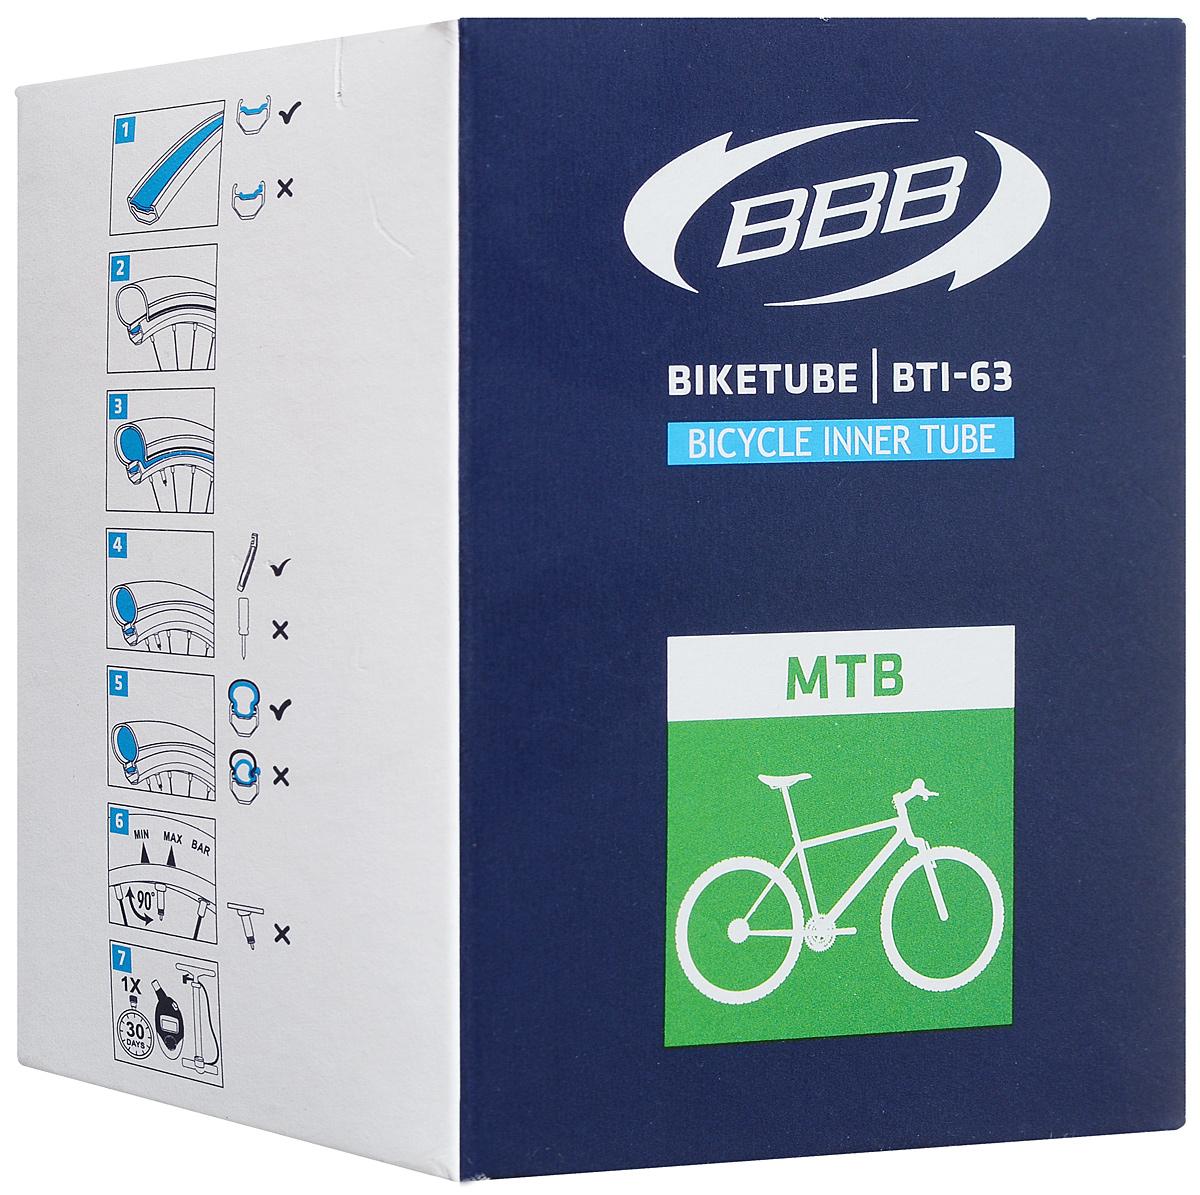 Велокамера BBB 26 in 1,9/2,125 AV. BTI-63BTI-63Размер колеса: 26 Автомобильный ниппель (Schrader) 33 мм Камеры BBB изготовлены из долговечного резинового компаунда. Никаких швов, которые могут пропускать воздух. Толщина стенки: 0.87 мм. Достаточно большая для защиты от проколов и достаточно небольшая для снижения веса.